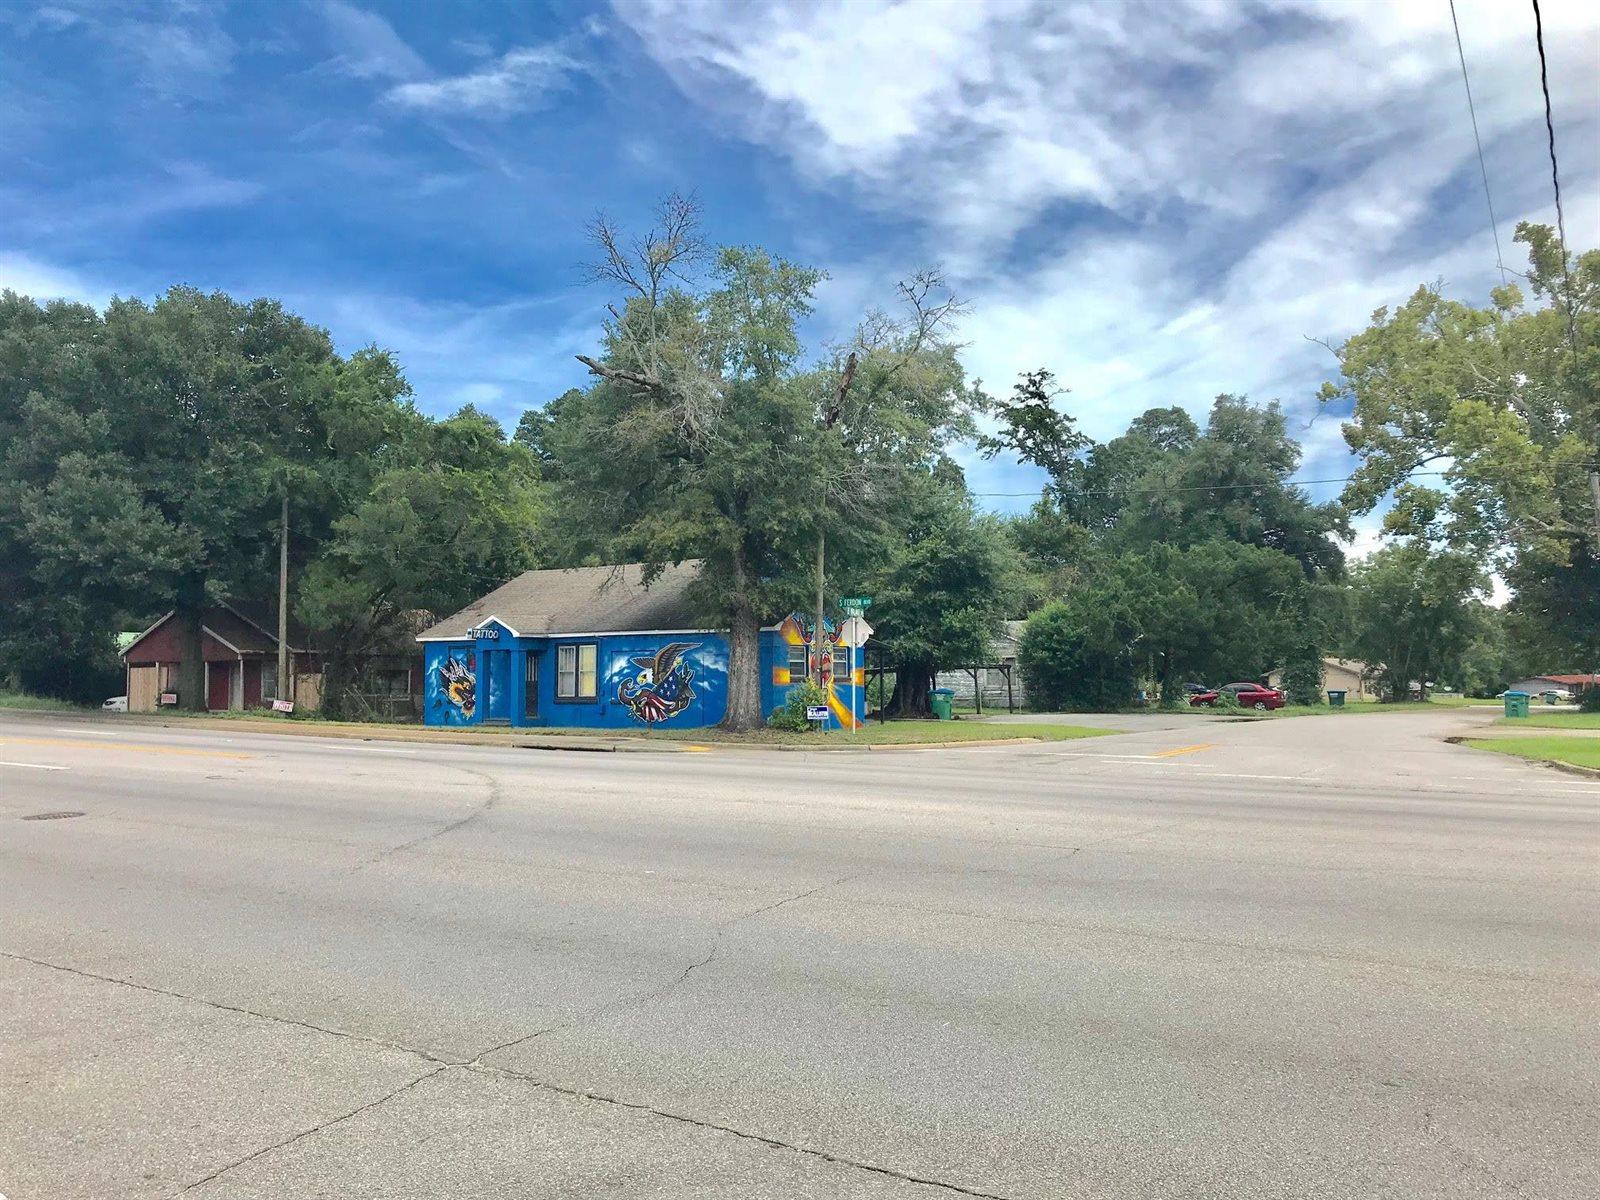 297 Highway 85, #A, Crestview, FL 32536